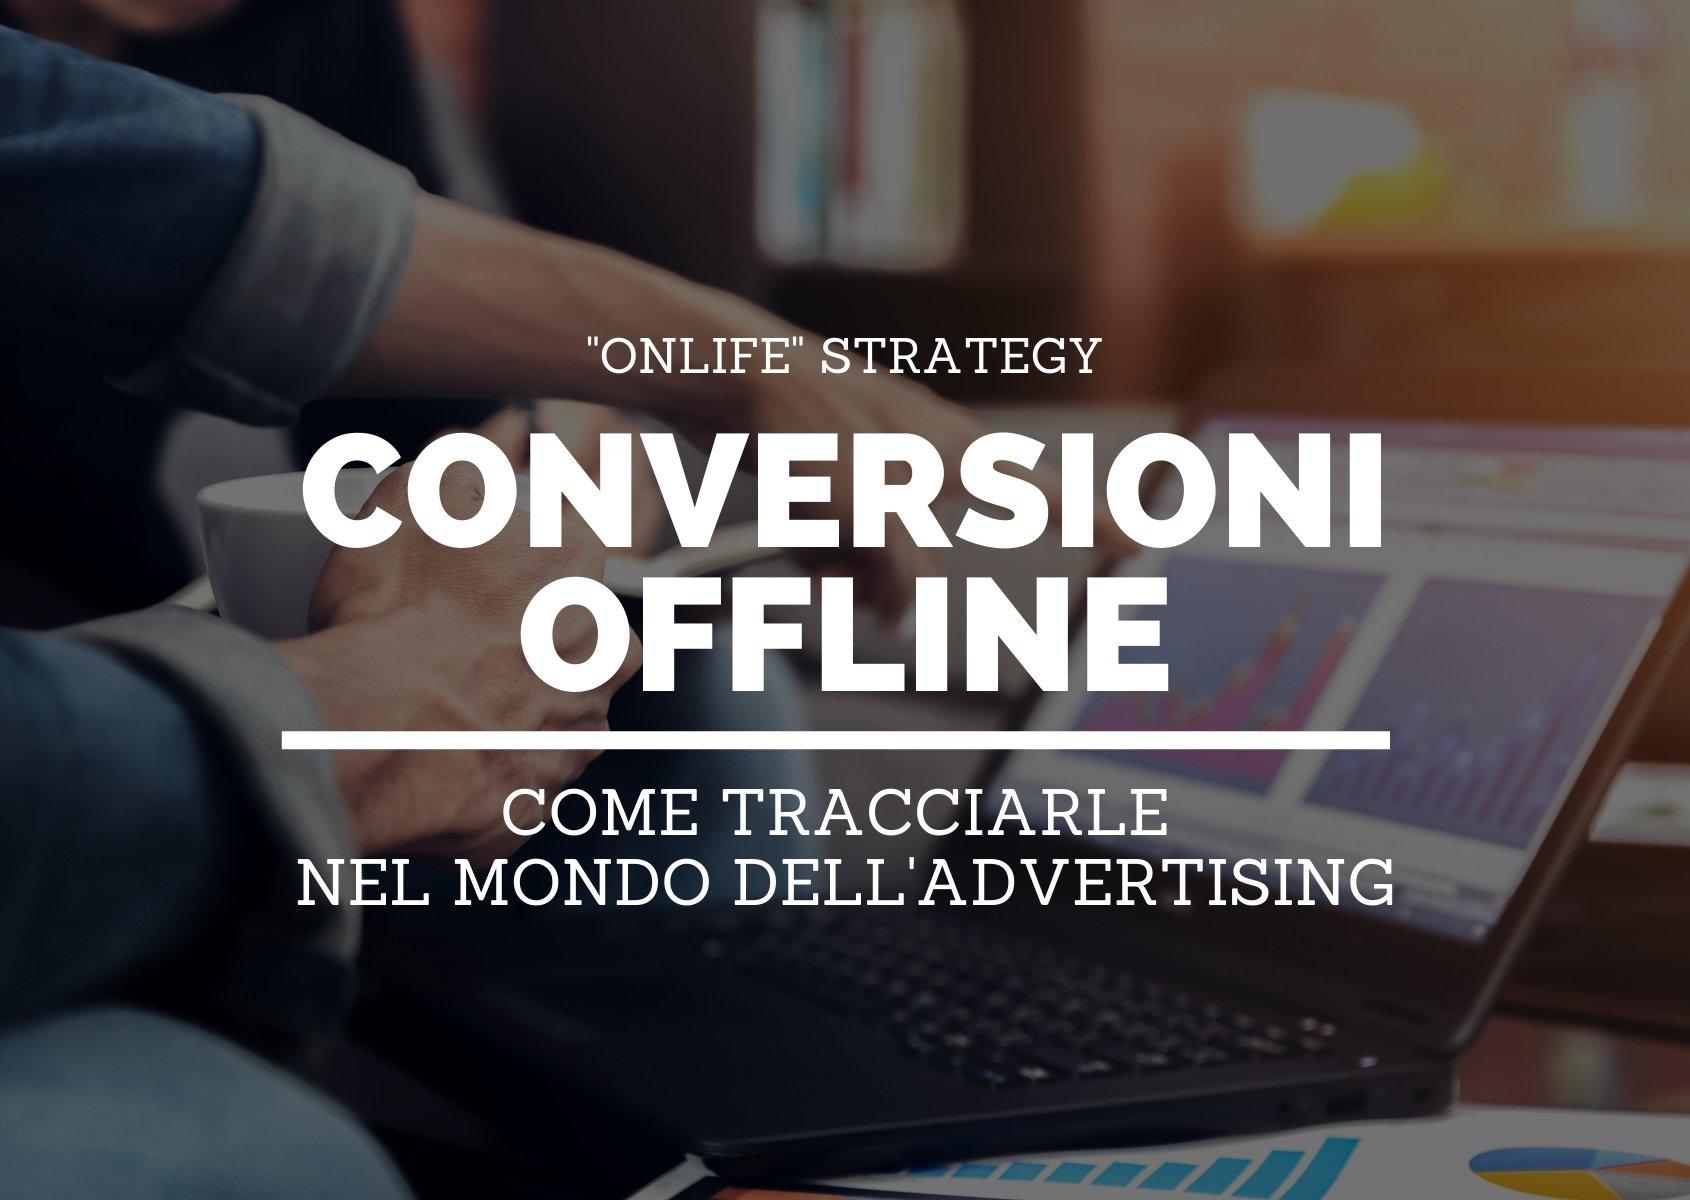 Come tracciare le conversioni offline nel mondo dell'advertising